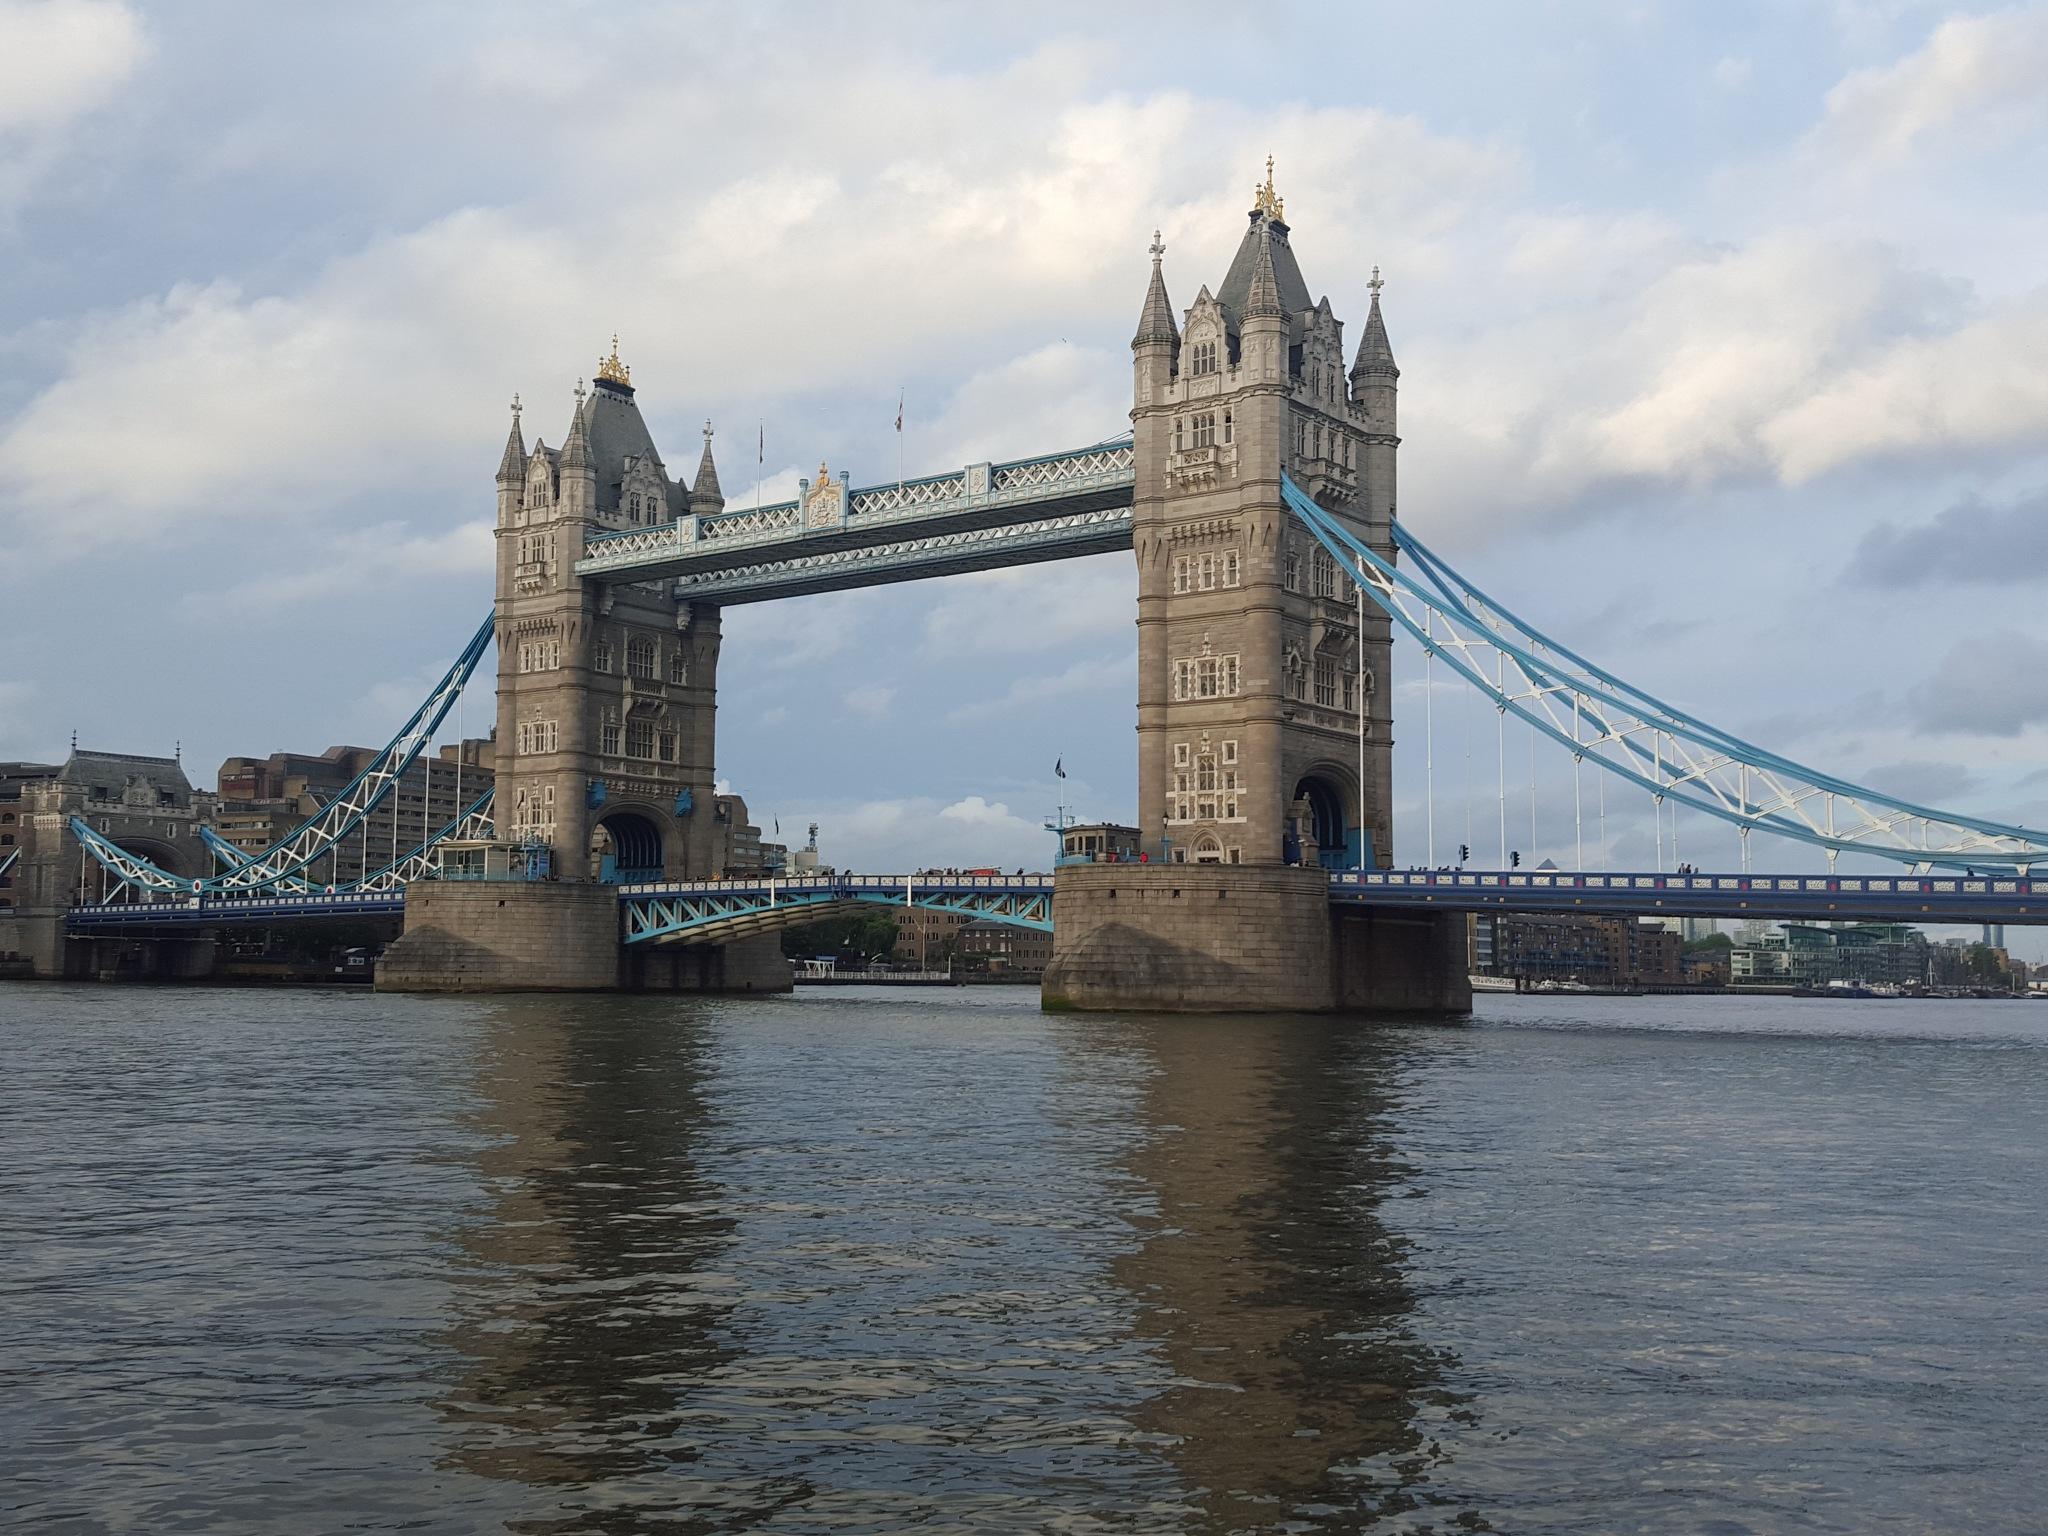 Tower Bridge, London by Syiqah A.